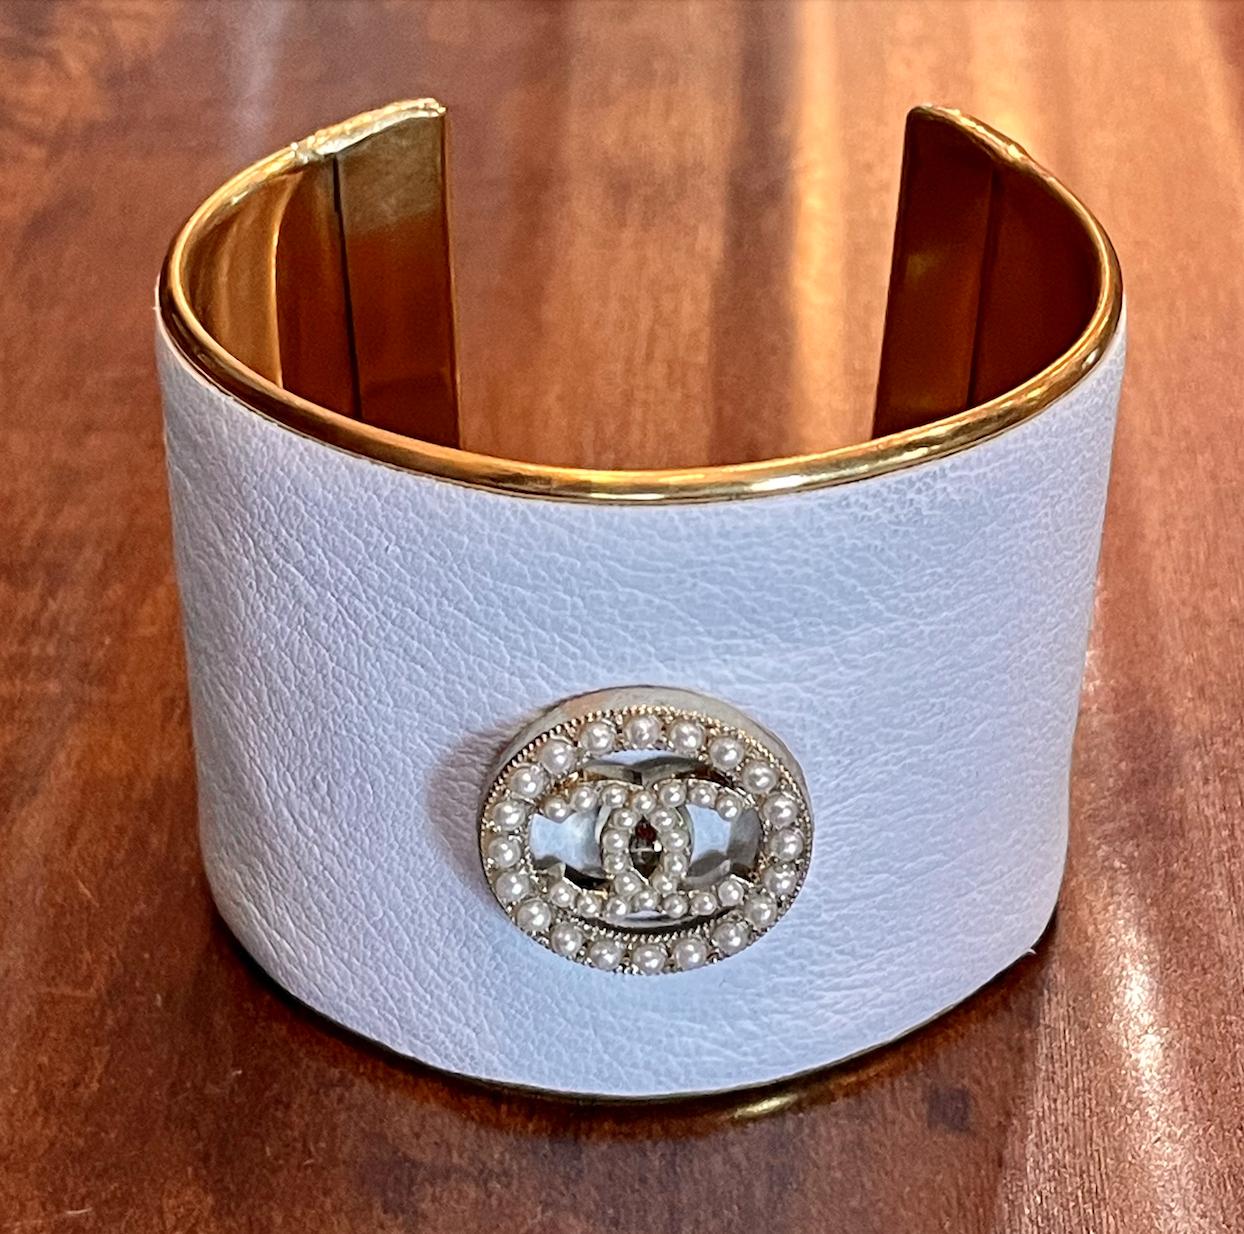 White Chanel Gold Statement Cuff